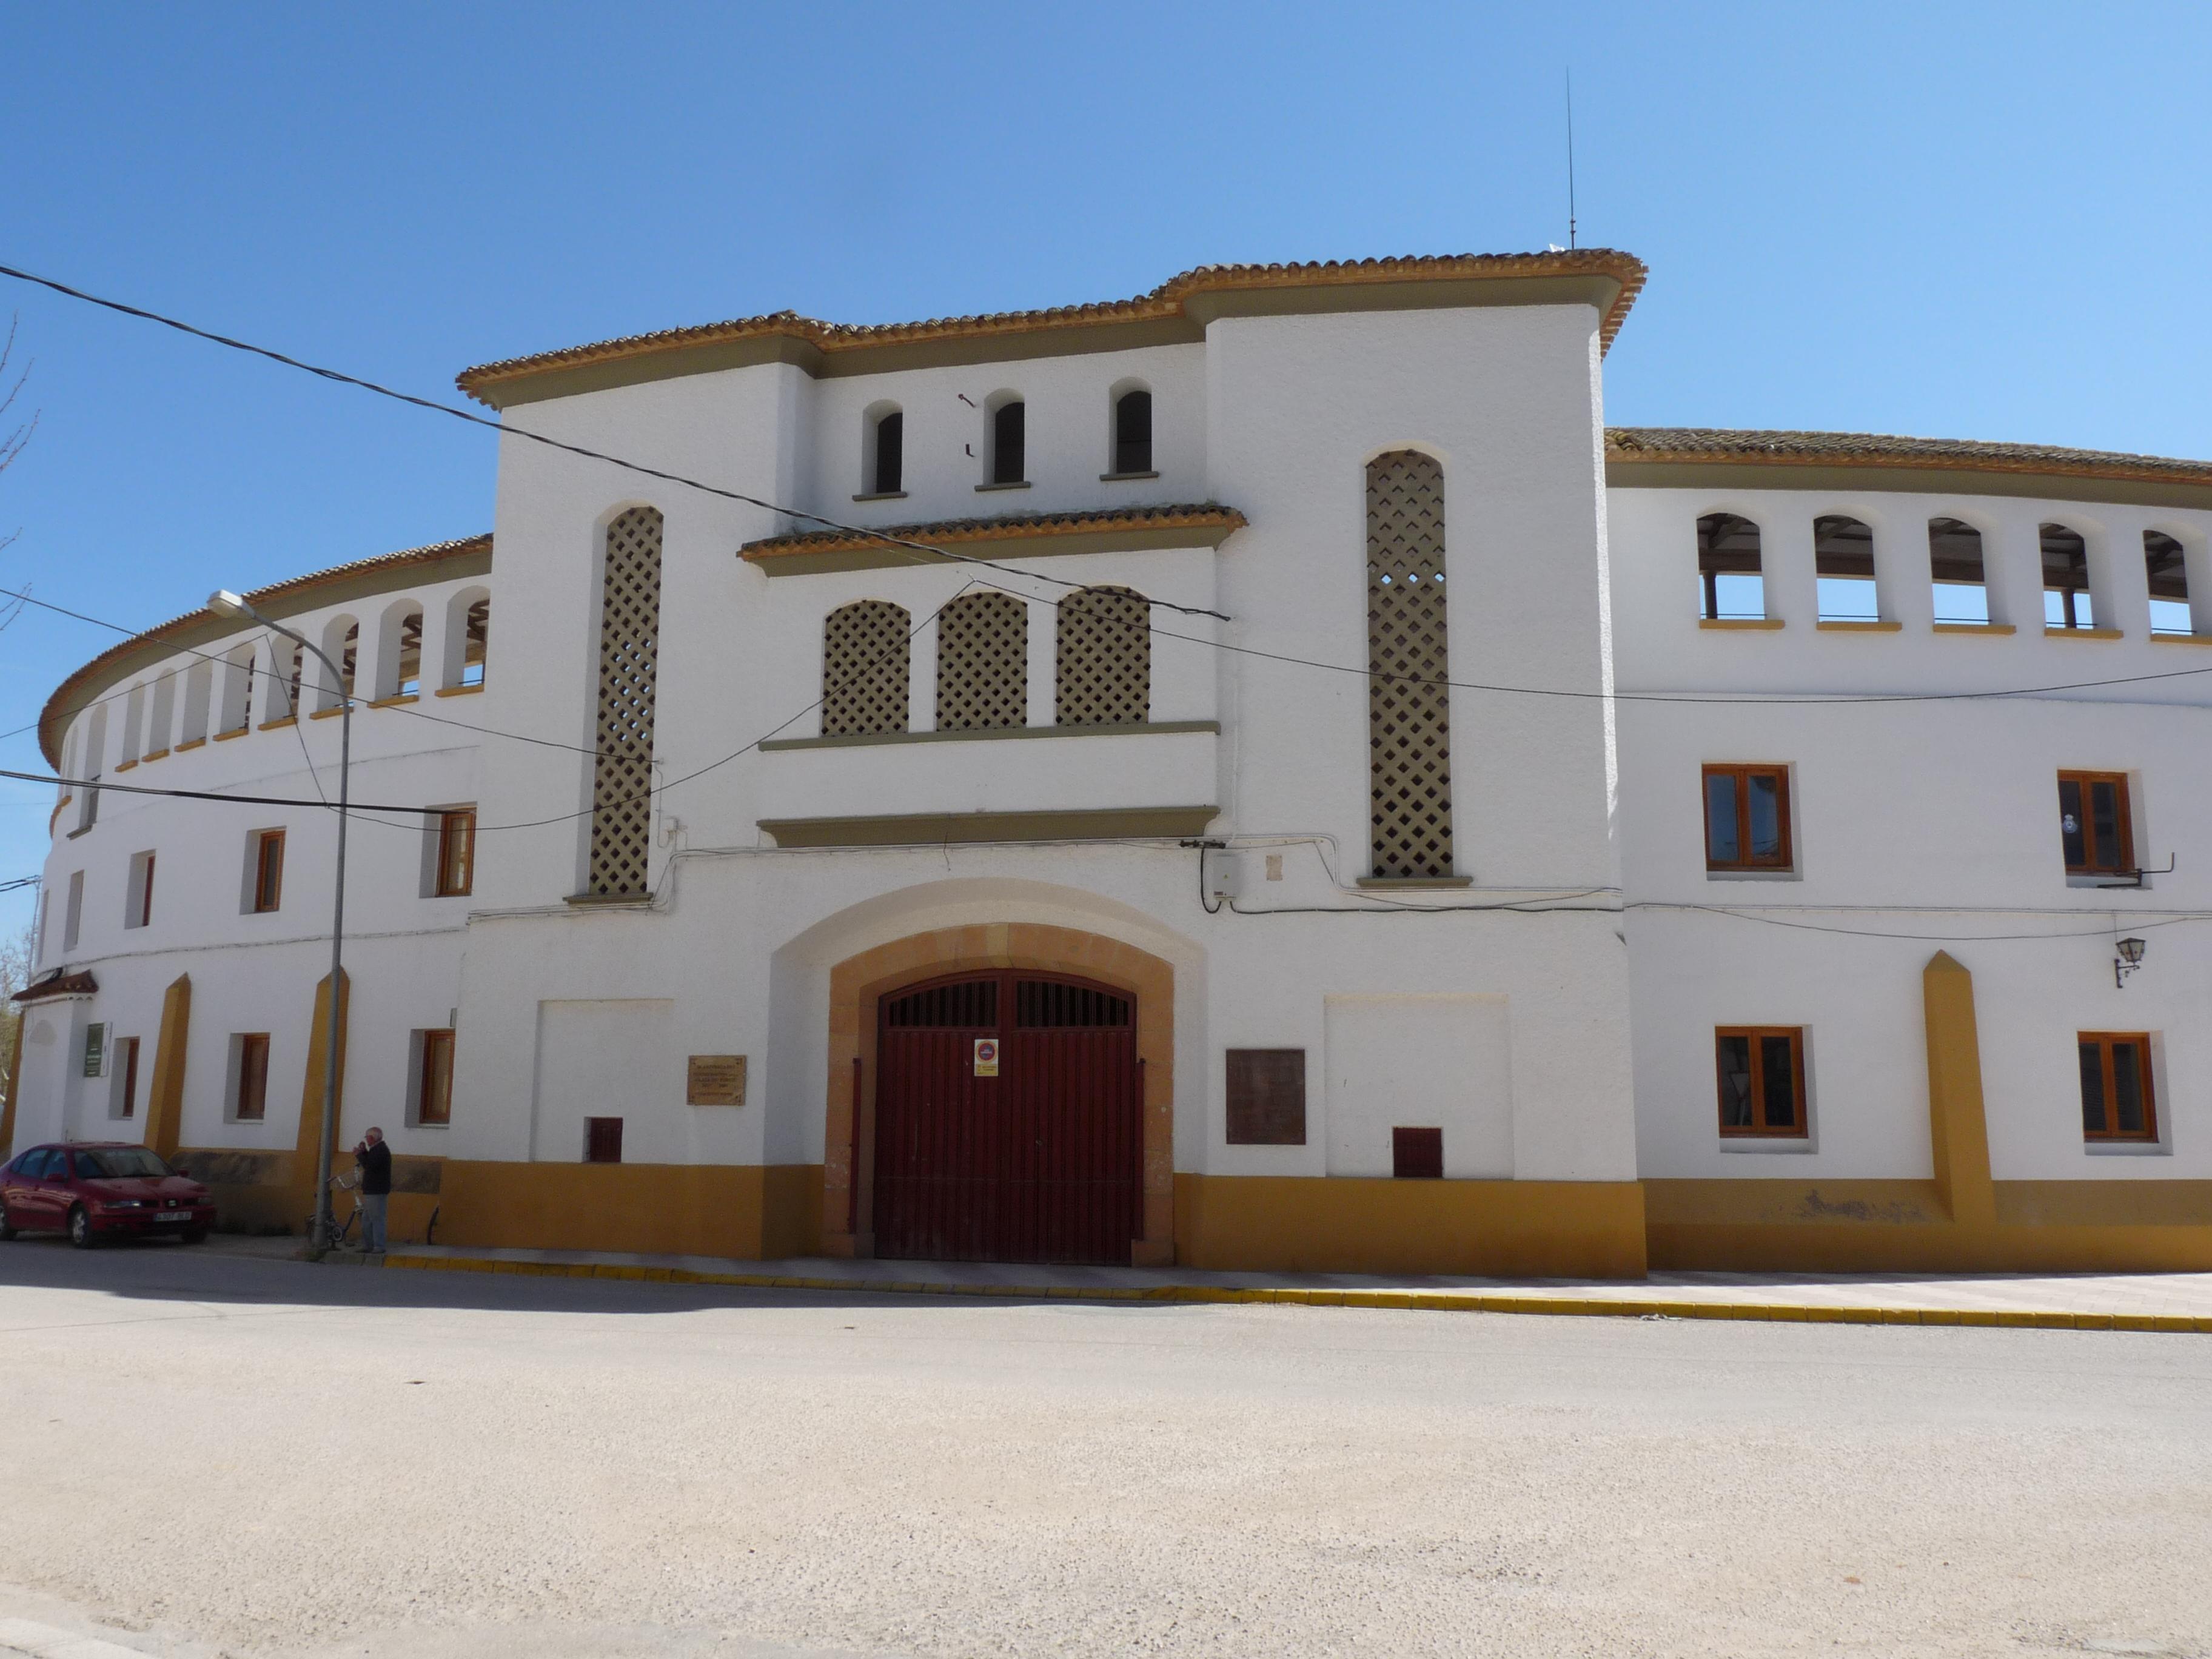 Plaza de Toros de Casas Ibáñez